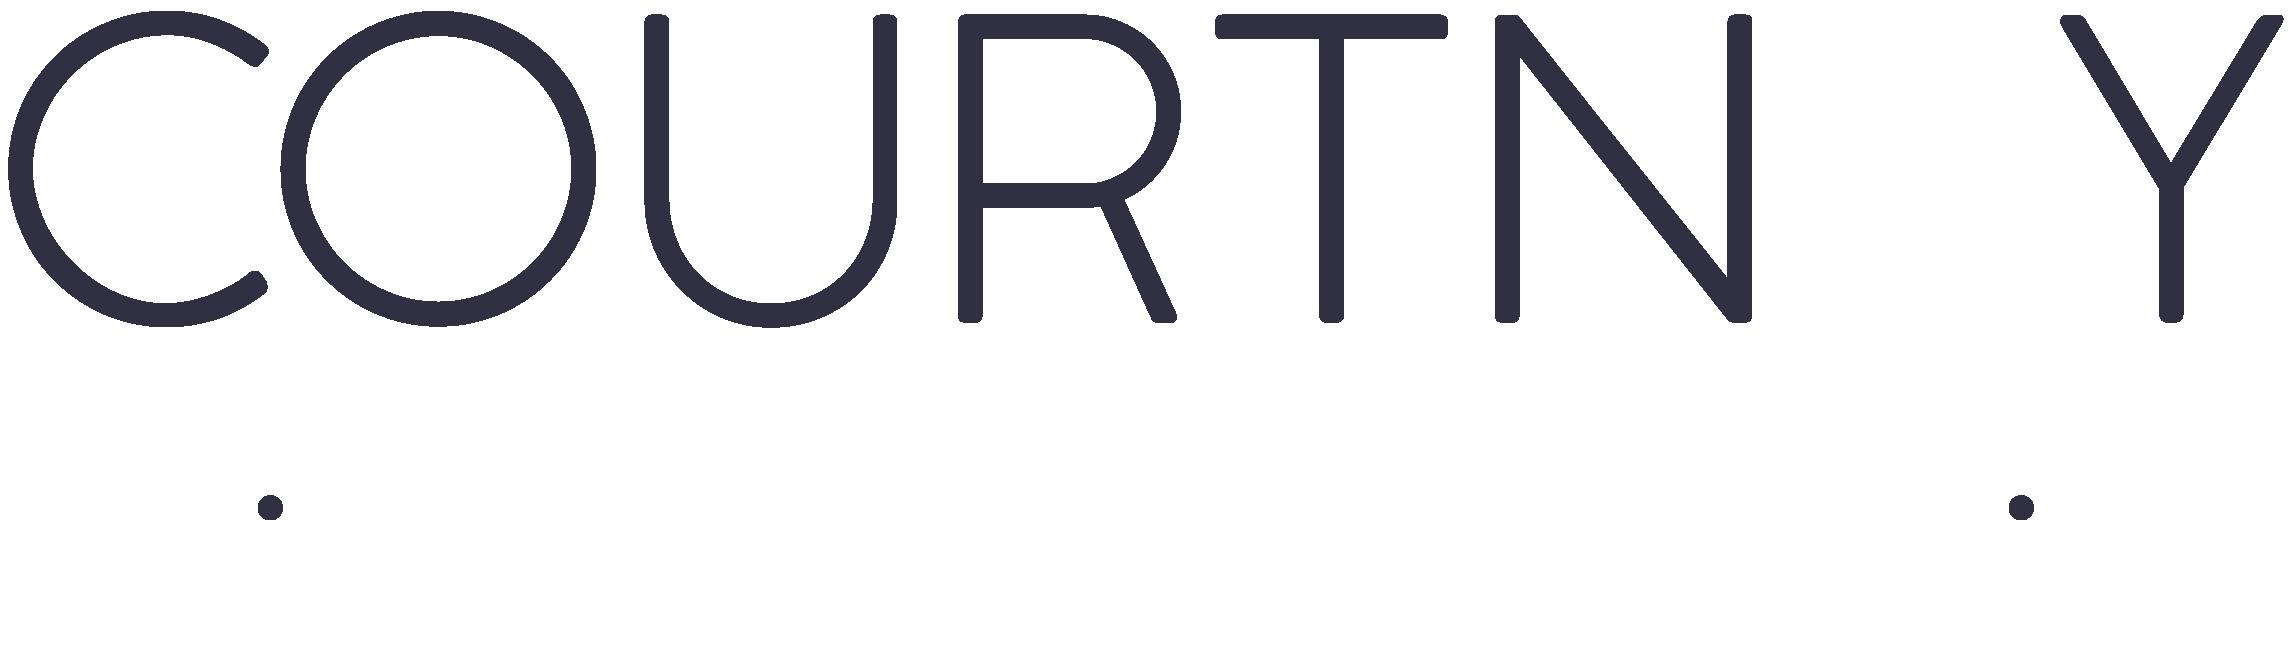 courtney-web-logo-01-01